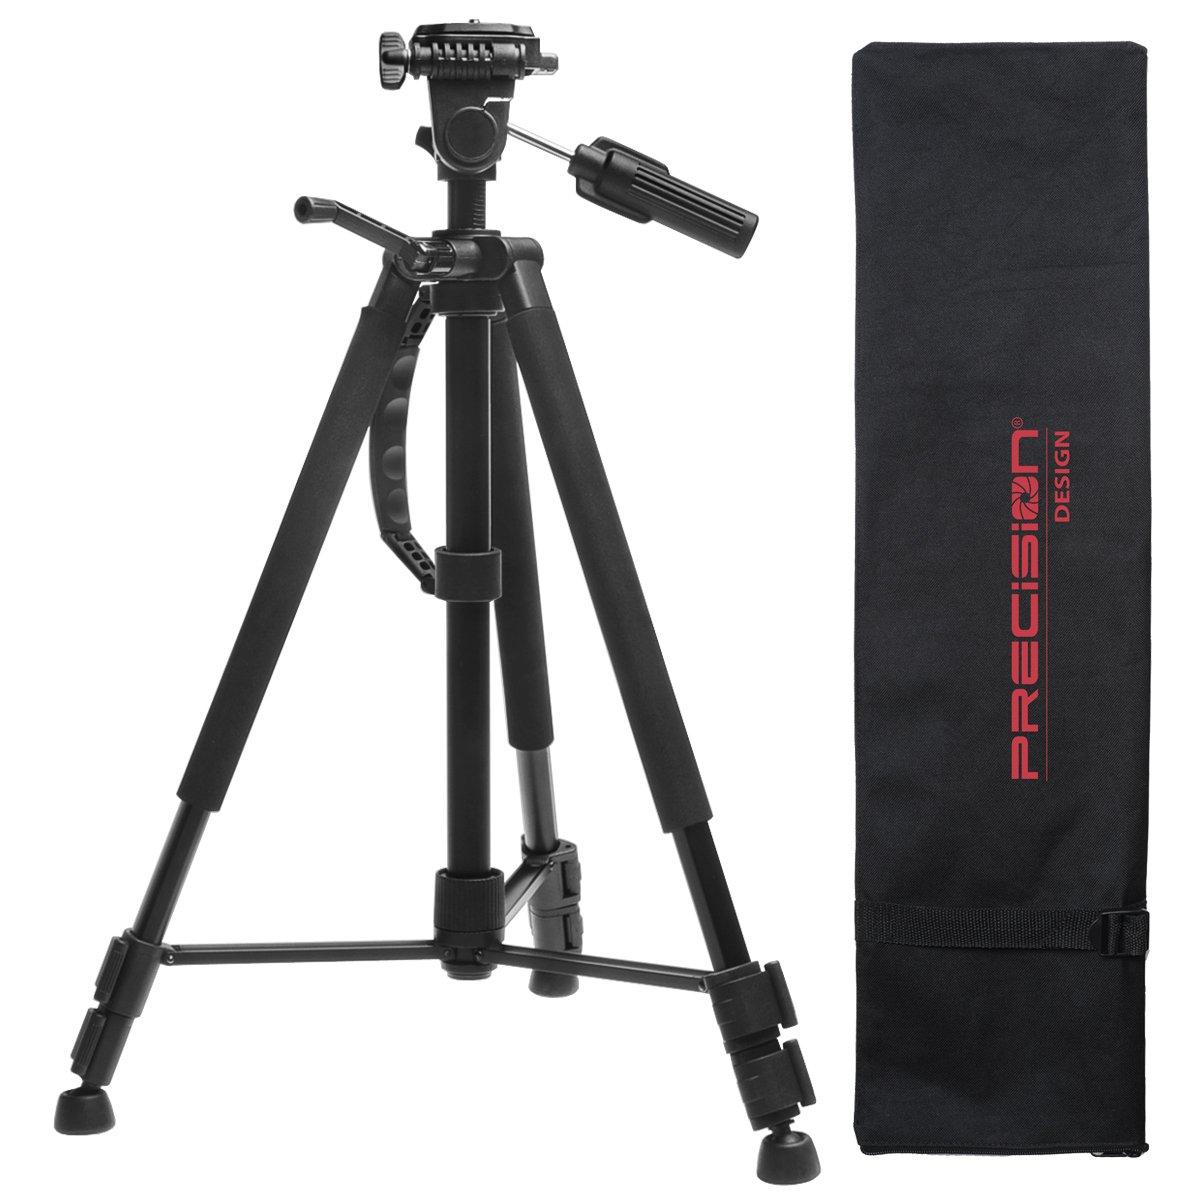 Nikon Digital & Film SLR System Case Gadget Bag + Deluxe Tripod for D40, D60, D3000, D3100, D5000, D5100, D7000, D300s, D3, D3s & D3x Cameras